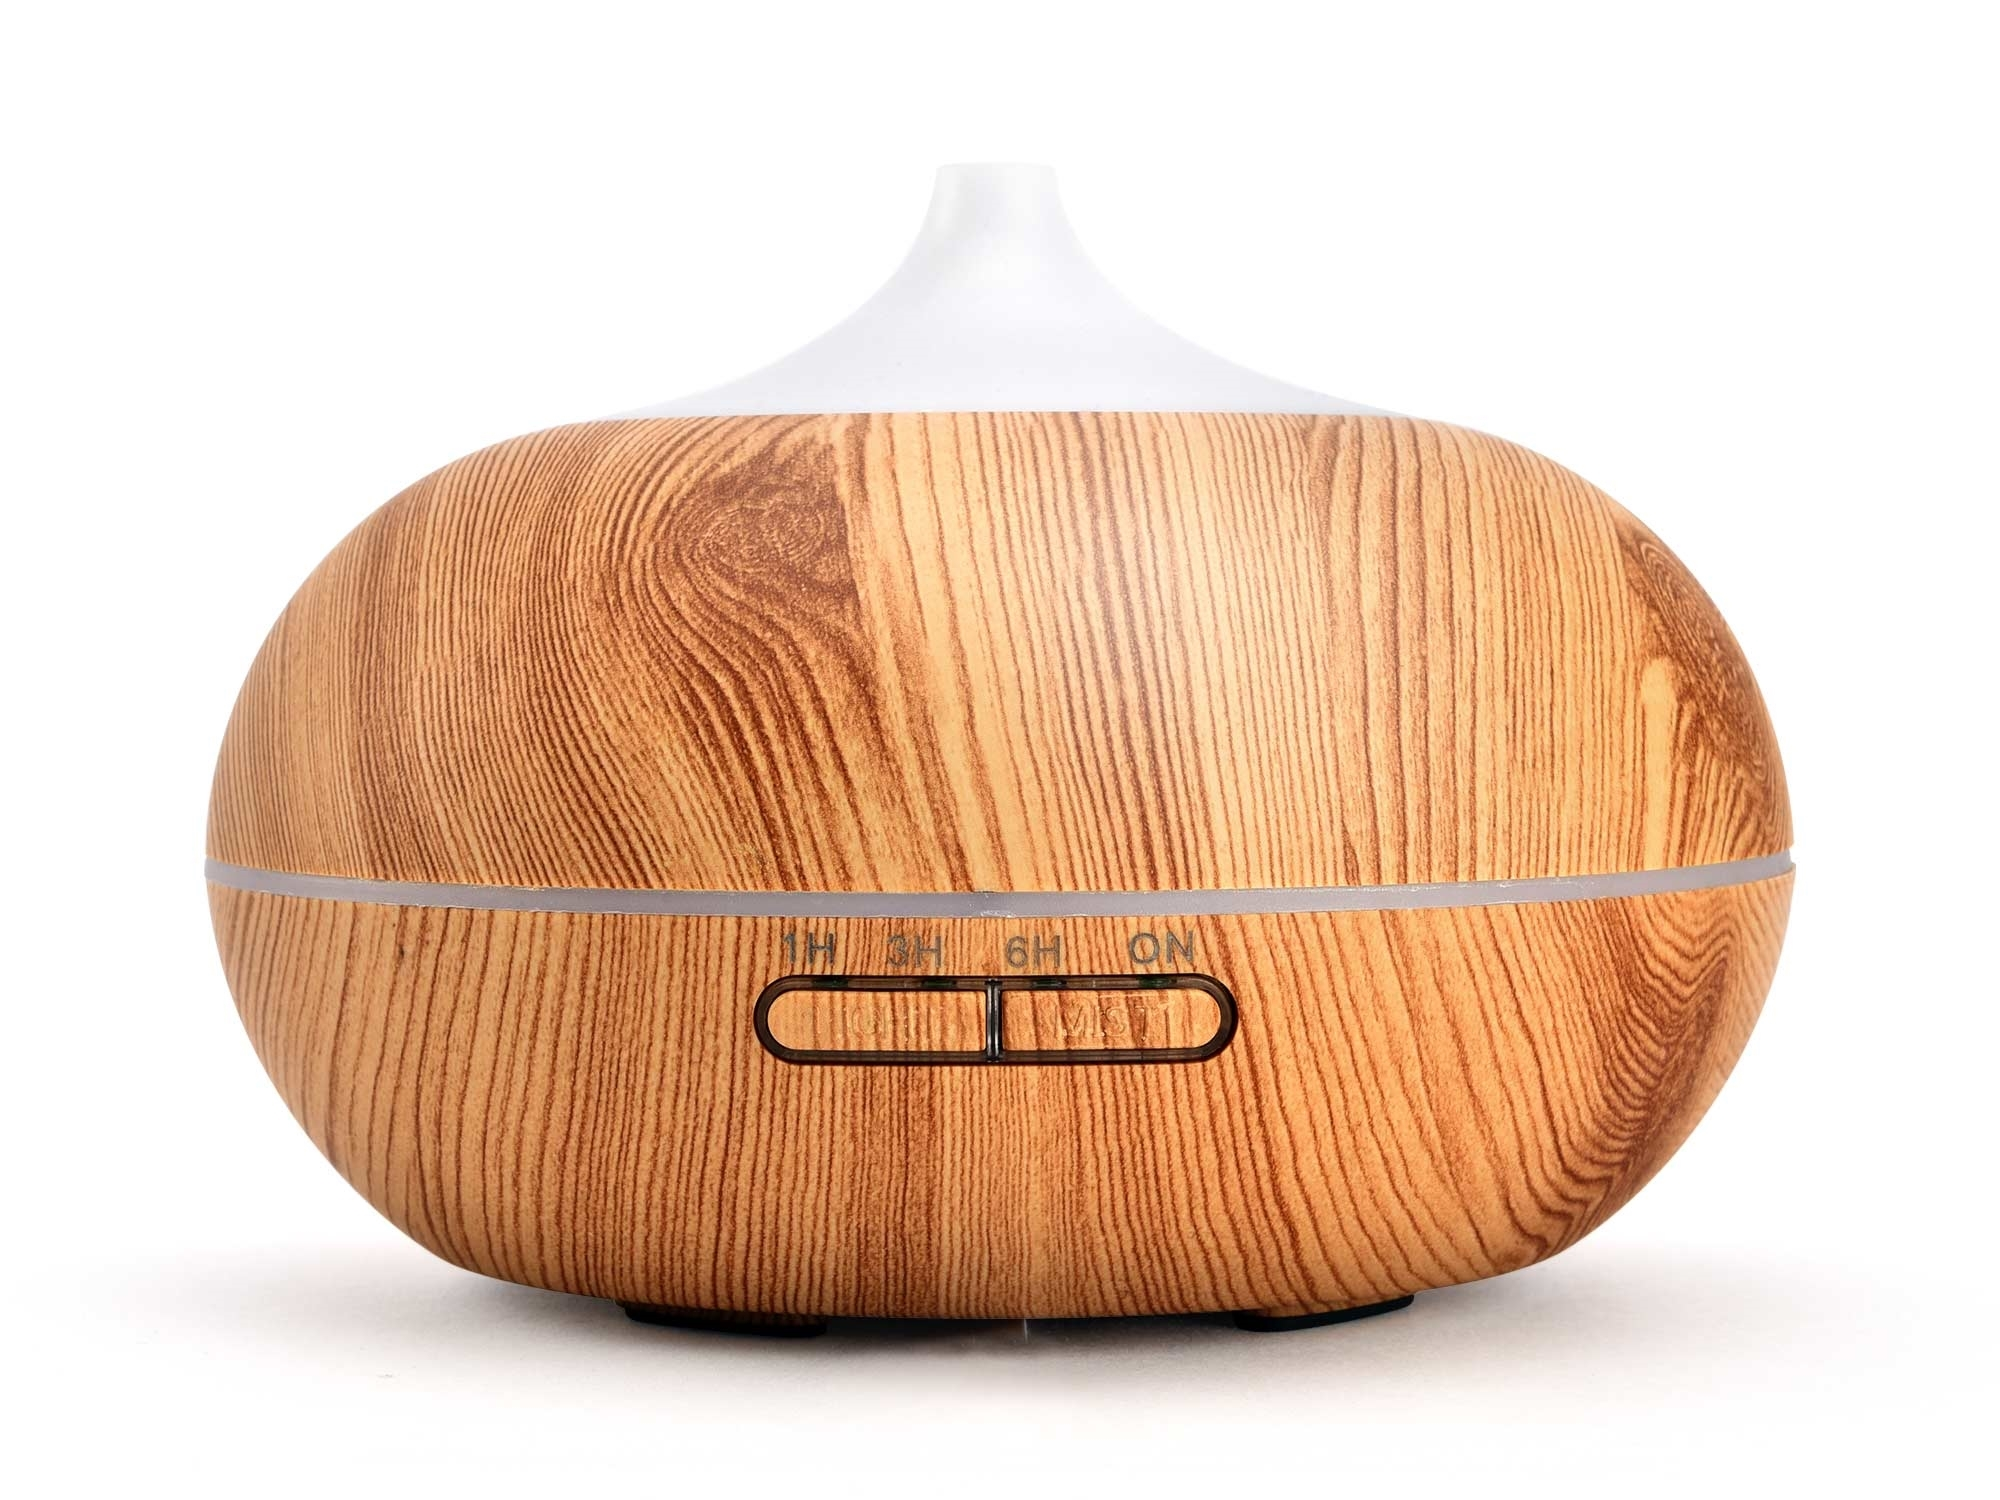 aroma difuzér Sumó, osvěžovač a zvlhčovač vzduchu, světlé dřevo, 300ml 569604